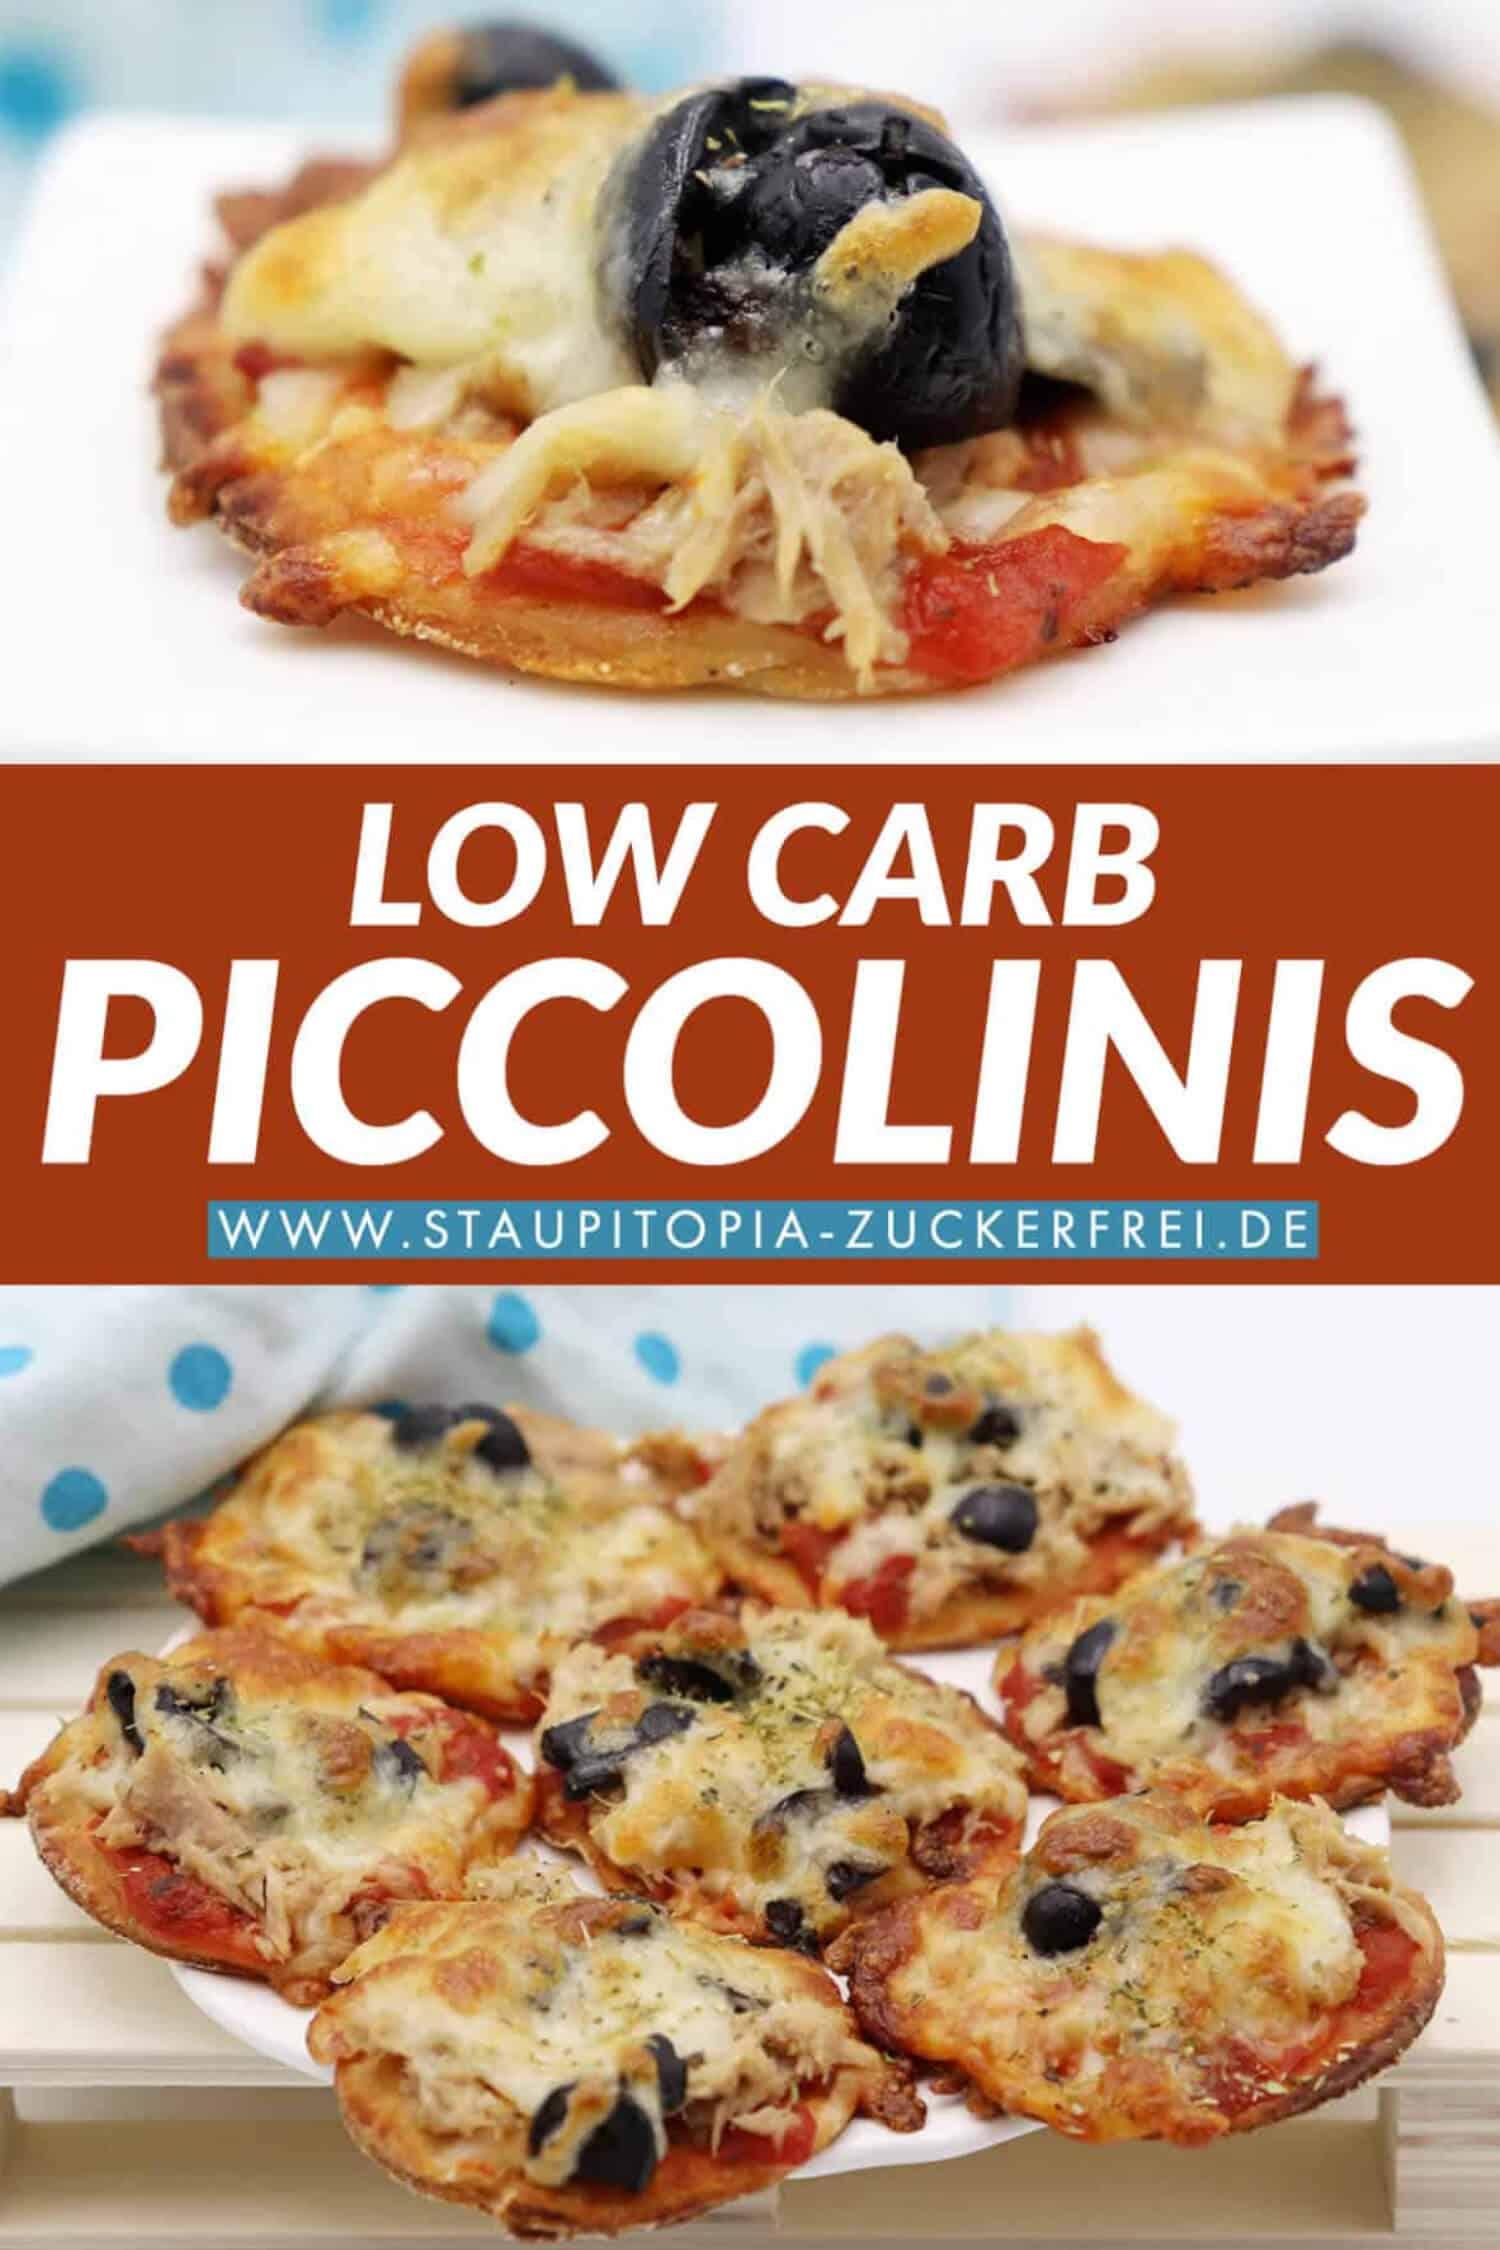 Low Carb Piccolinis mit Thunfisch und Oliven aus einem Quark-Öl-Teig ohne Kohlenhydrate backen